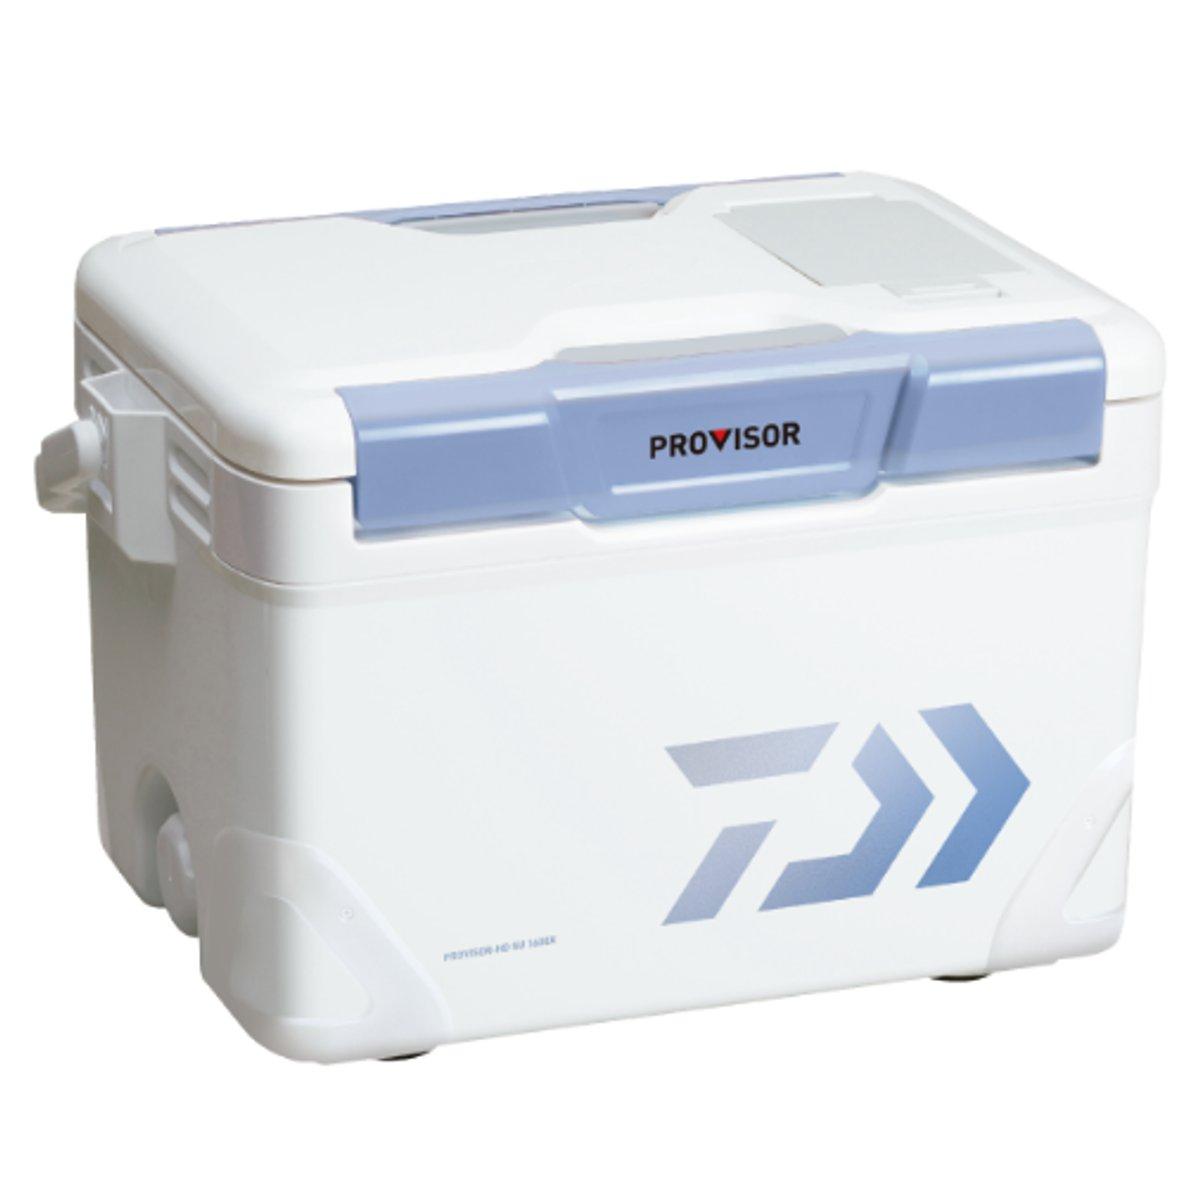 ダイワ プロバイザー HD SU 1600X アイスブルー クーラーボックス